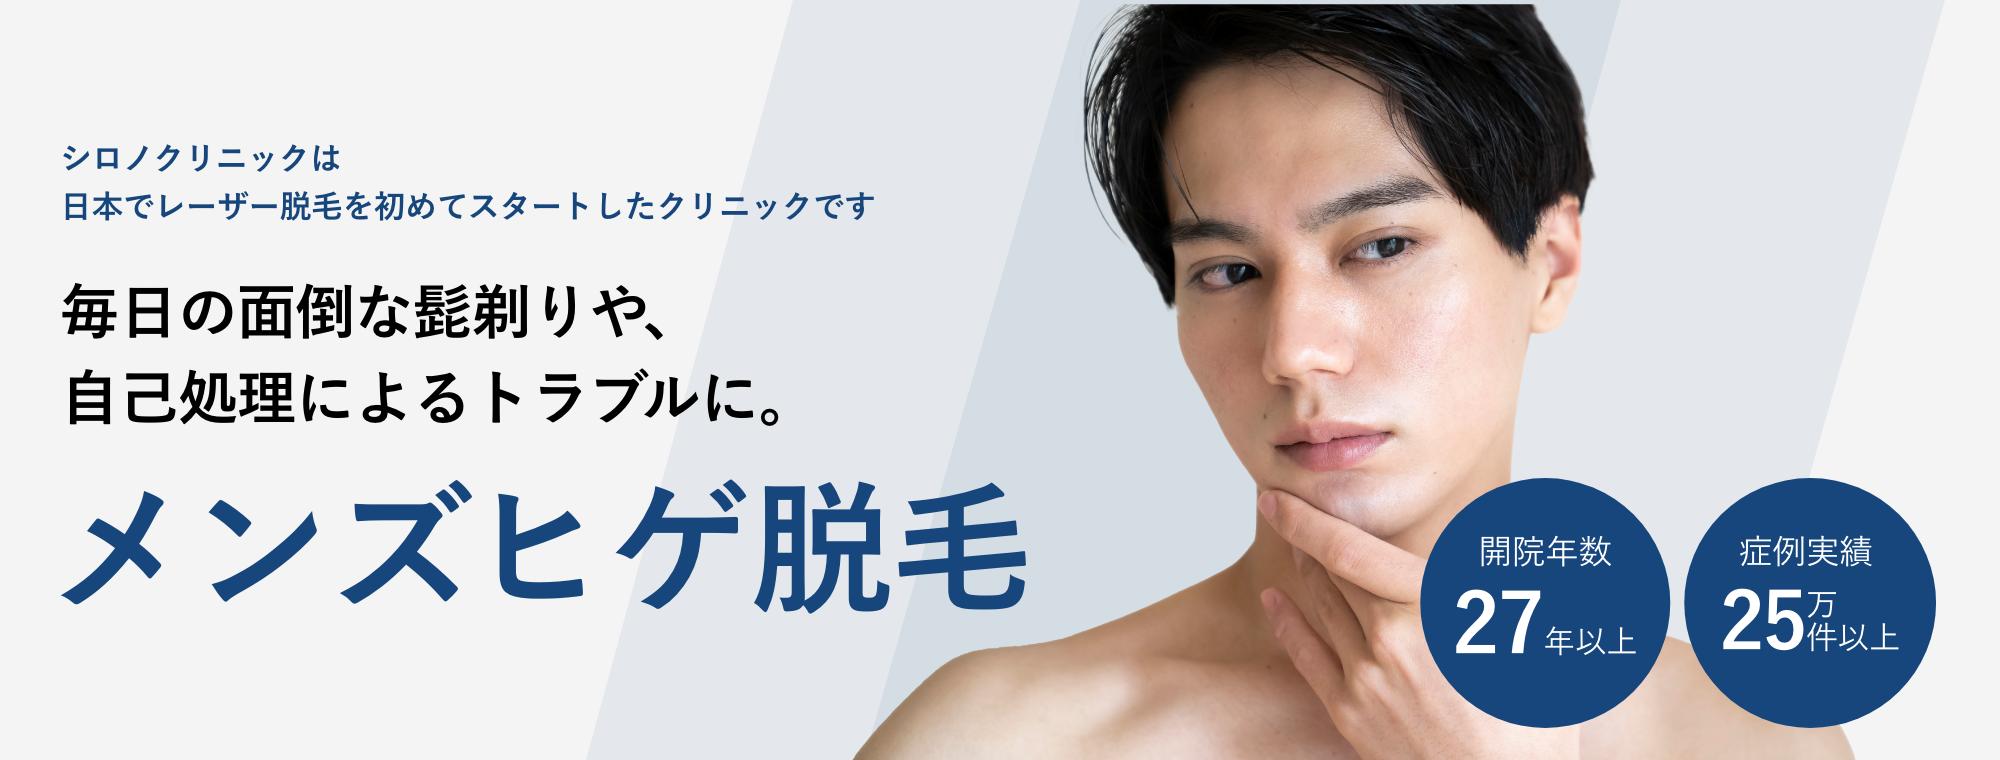 シロノクリニックは 日本でレーザー脱毛を初めてスタートしたクリニックです 毎日の面倒な髭剃りや自己処理によるトラブルに メンズヒゲ脱毛 開院年数27年以上 症例実績25万件以上